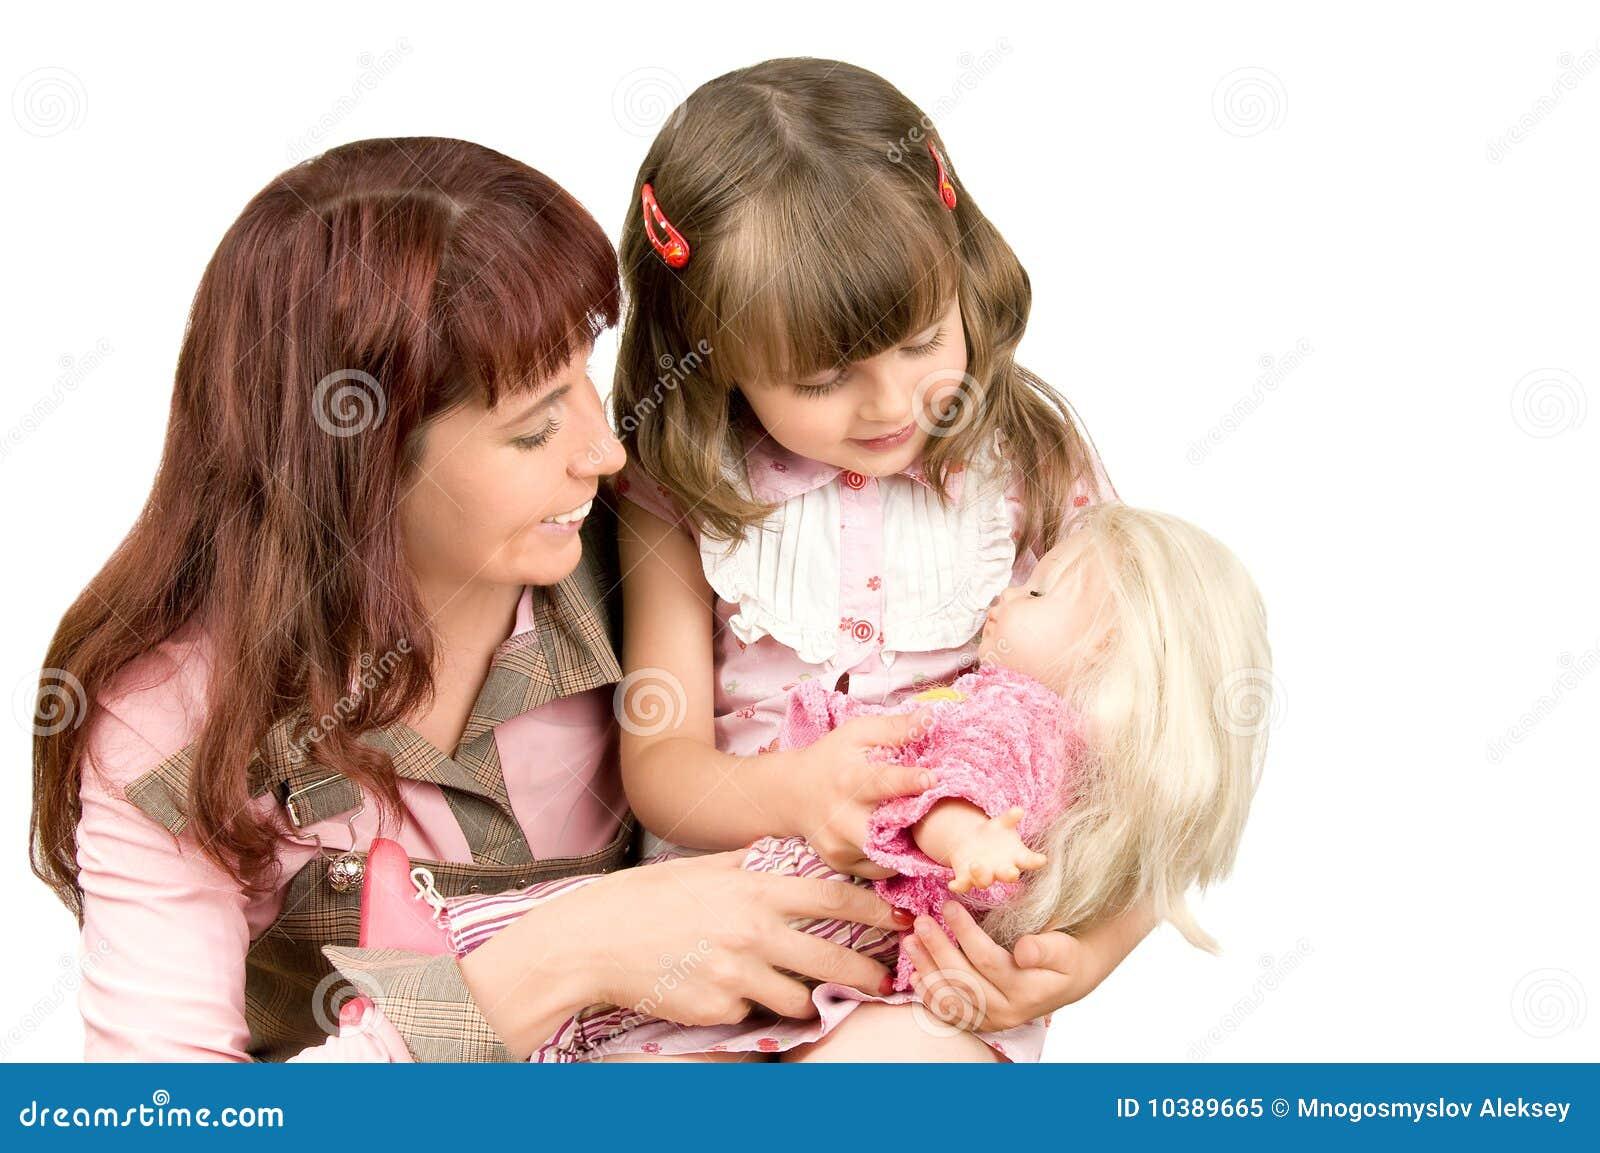 Все вудман мама дочь